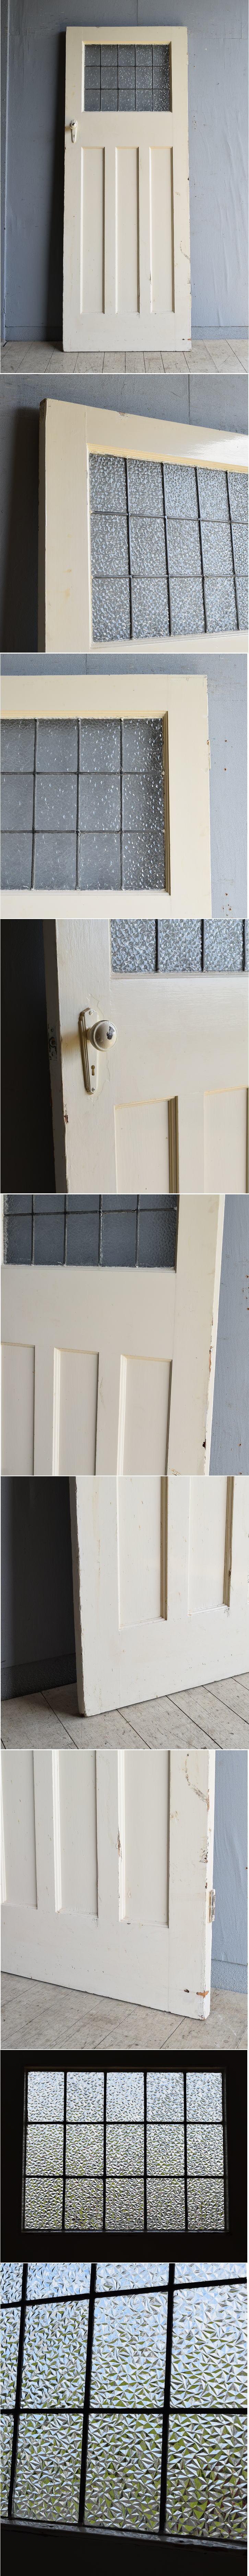 イギリス アンティーク ドア 扉 建具 8226